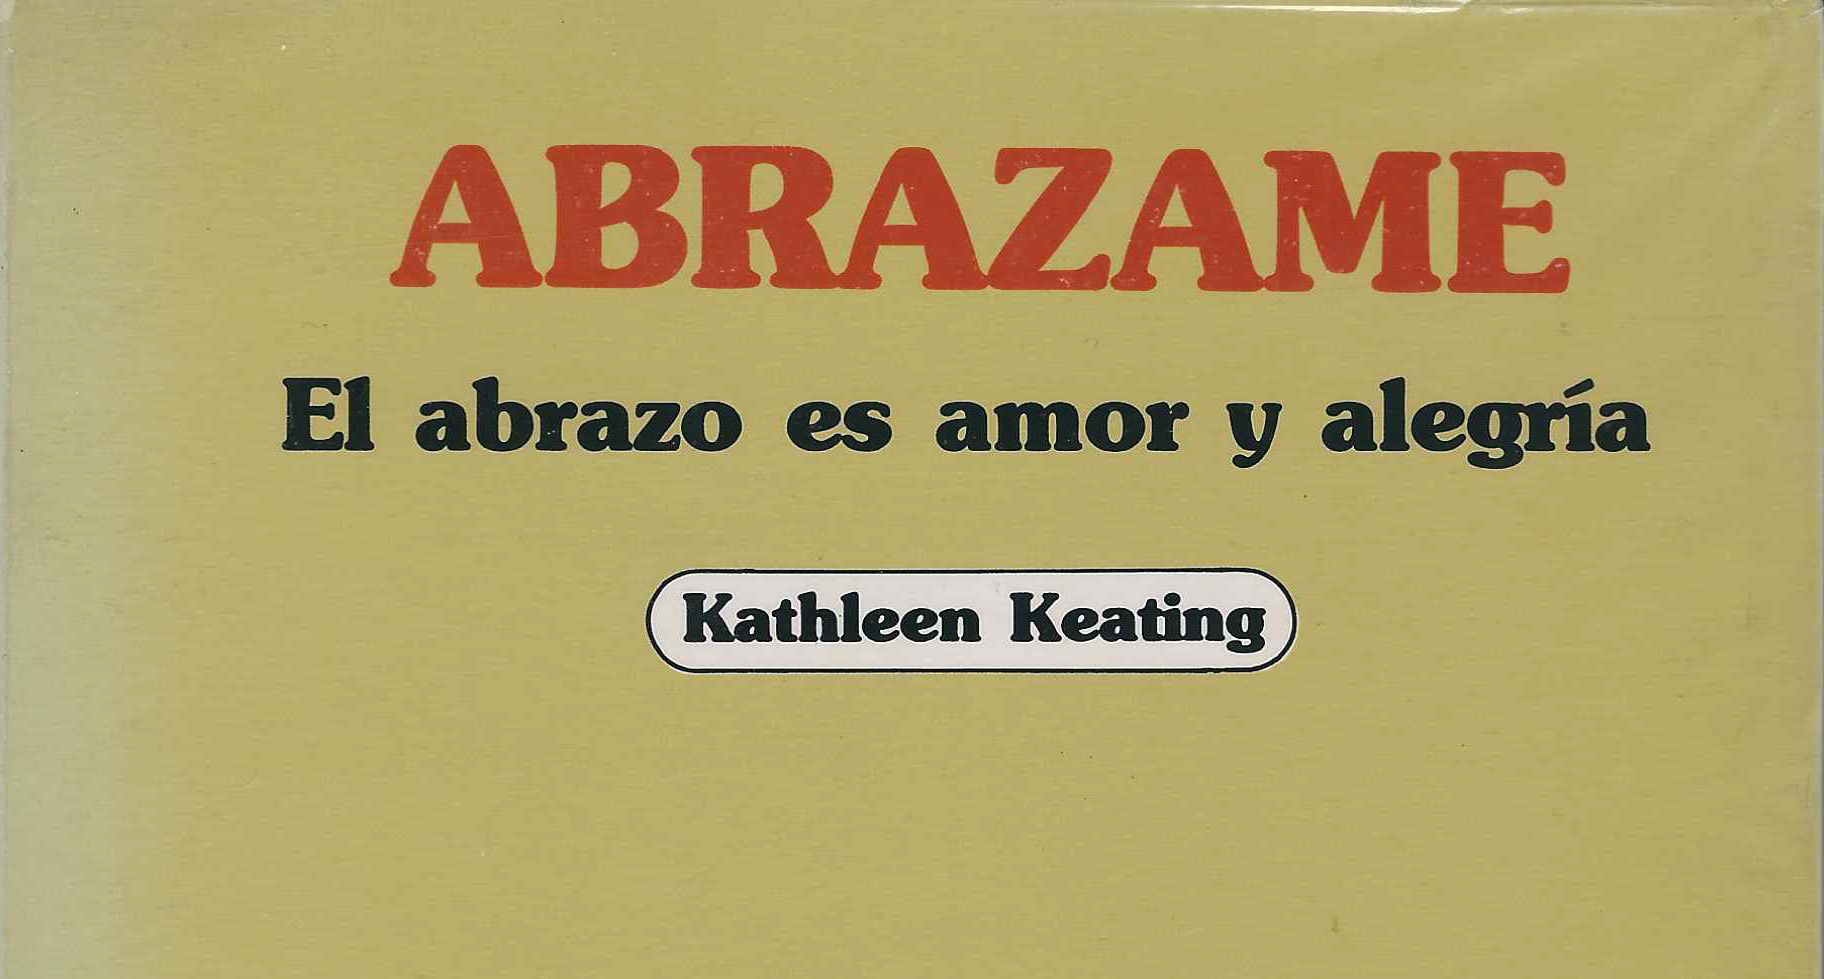 Abrazame. El abrazo es amor y alegría. Kathleen Keating